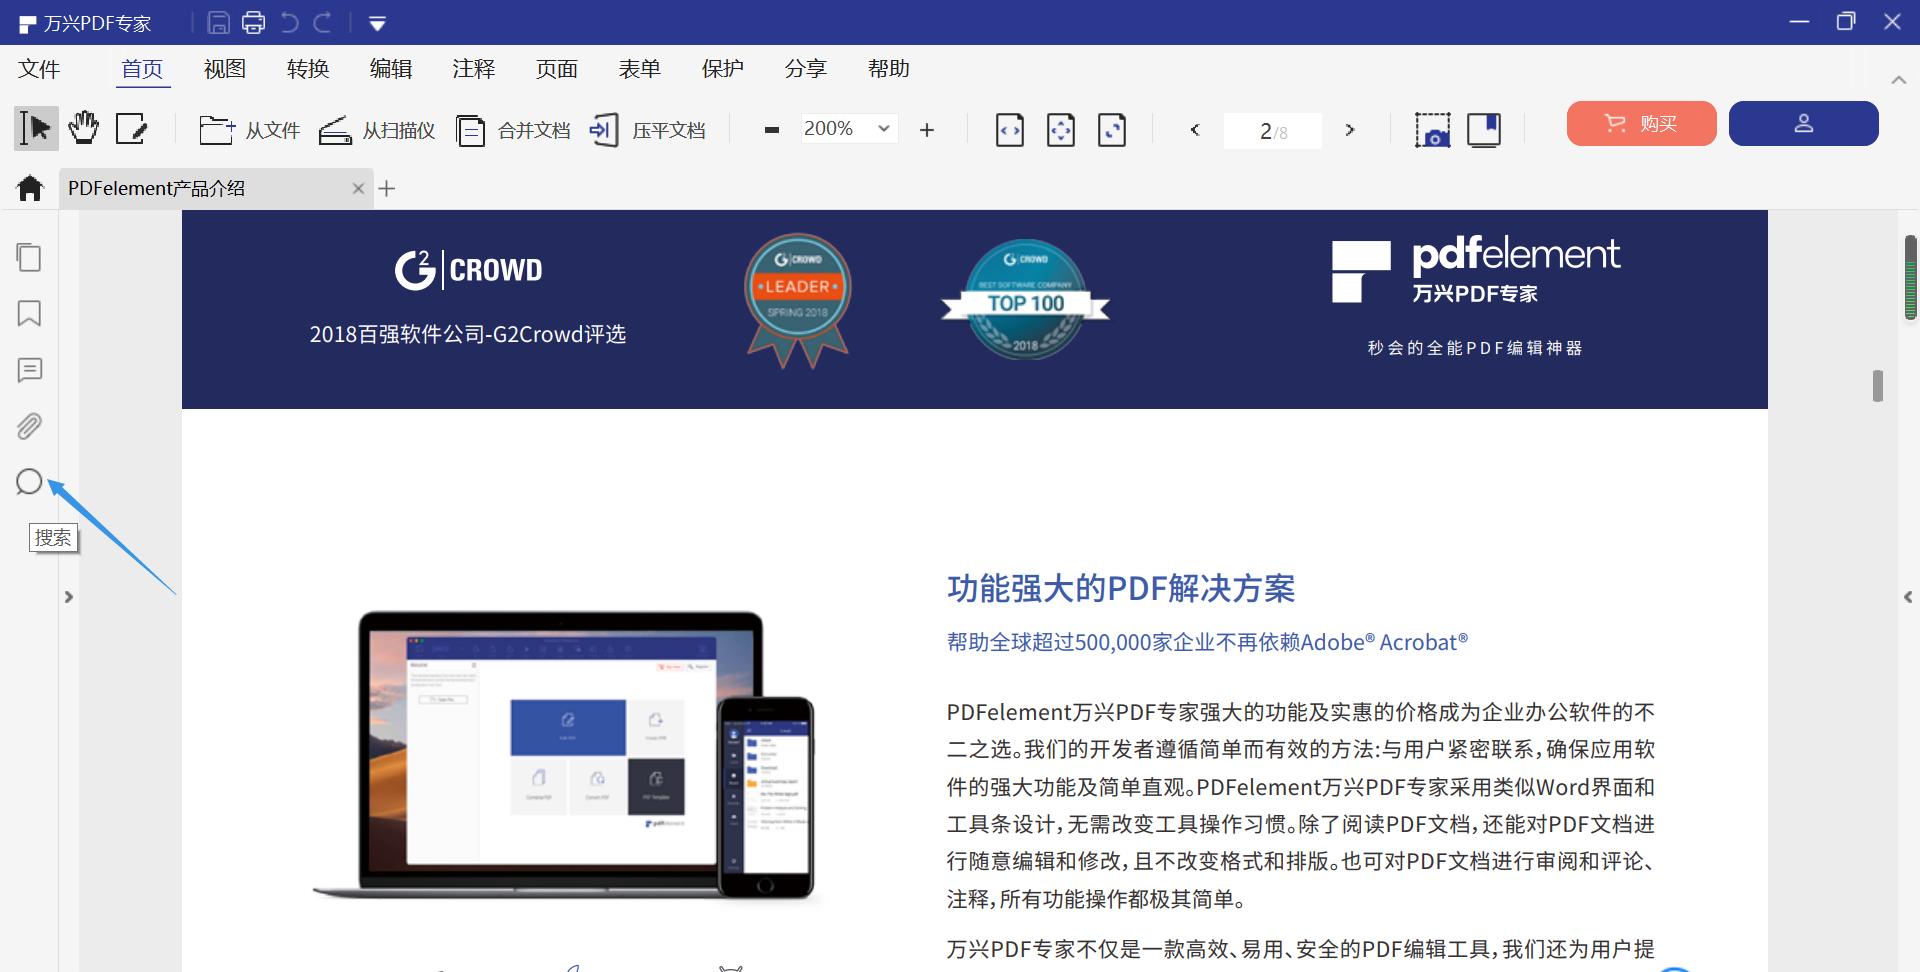 搜索PDF文件关键词步骤1